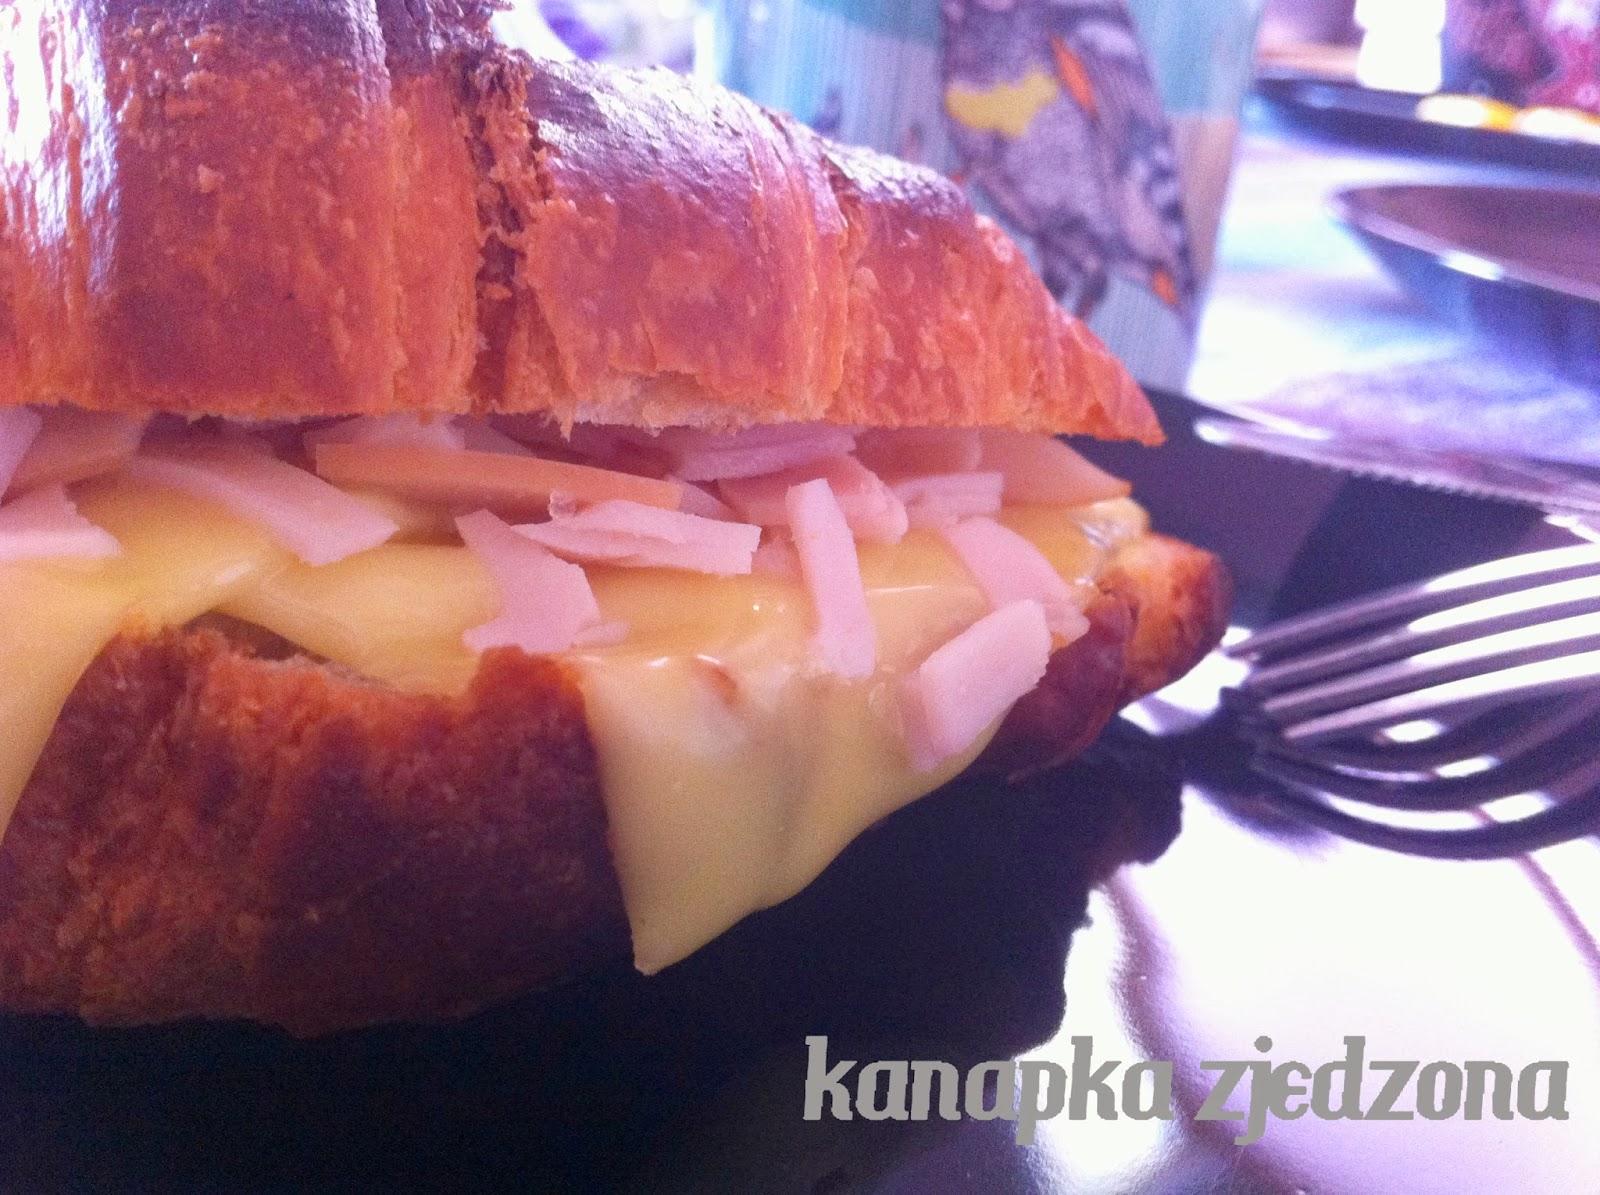 Hochland McDonalds ser szynka croissant śniadanie